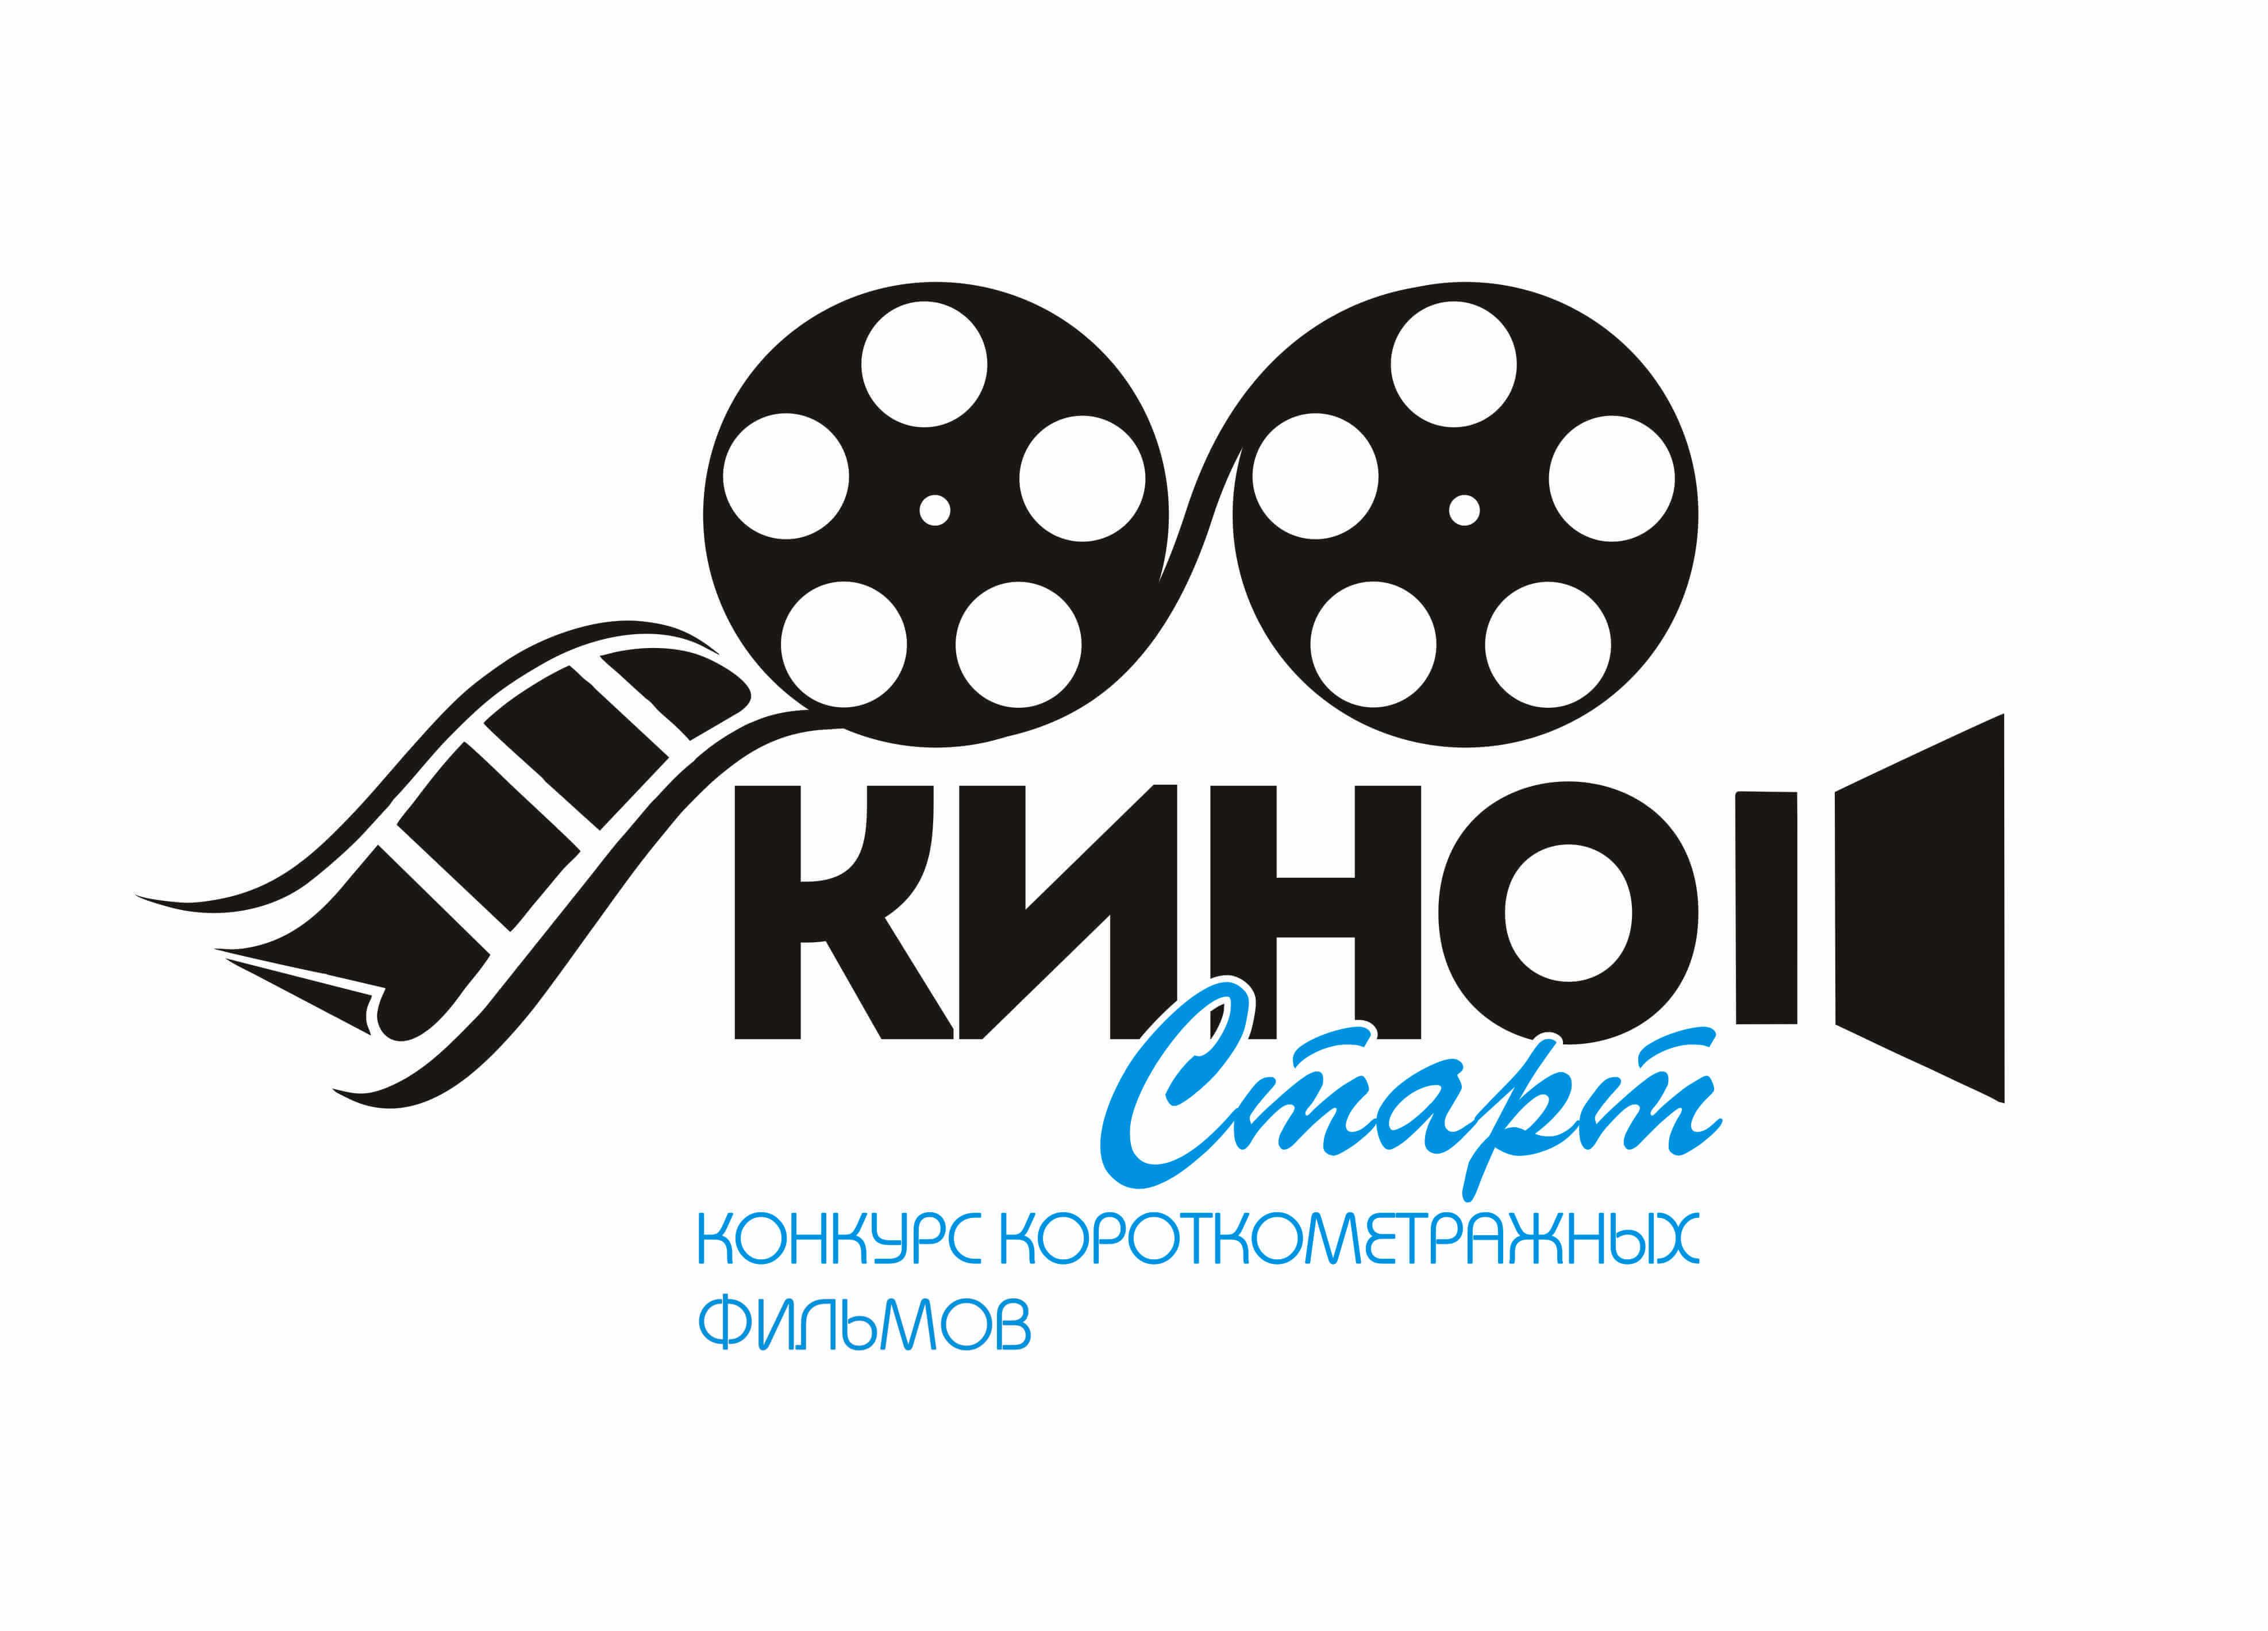 Конкурсы короткометражных фильмов для всех